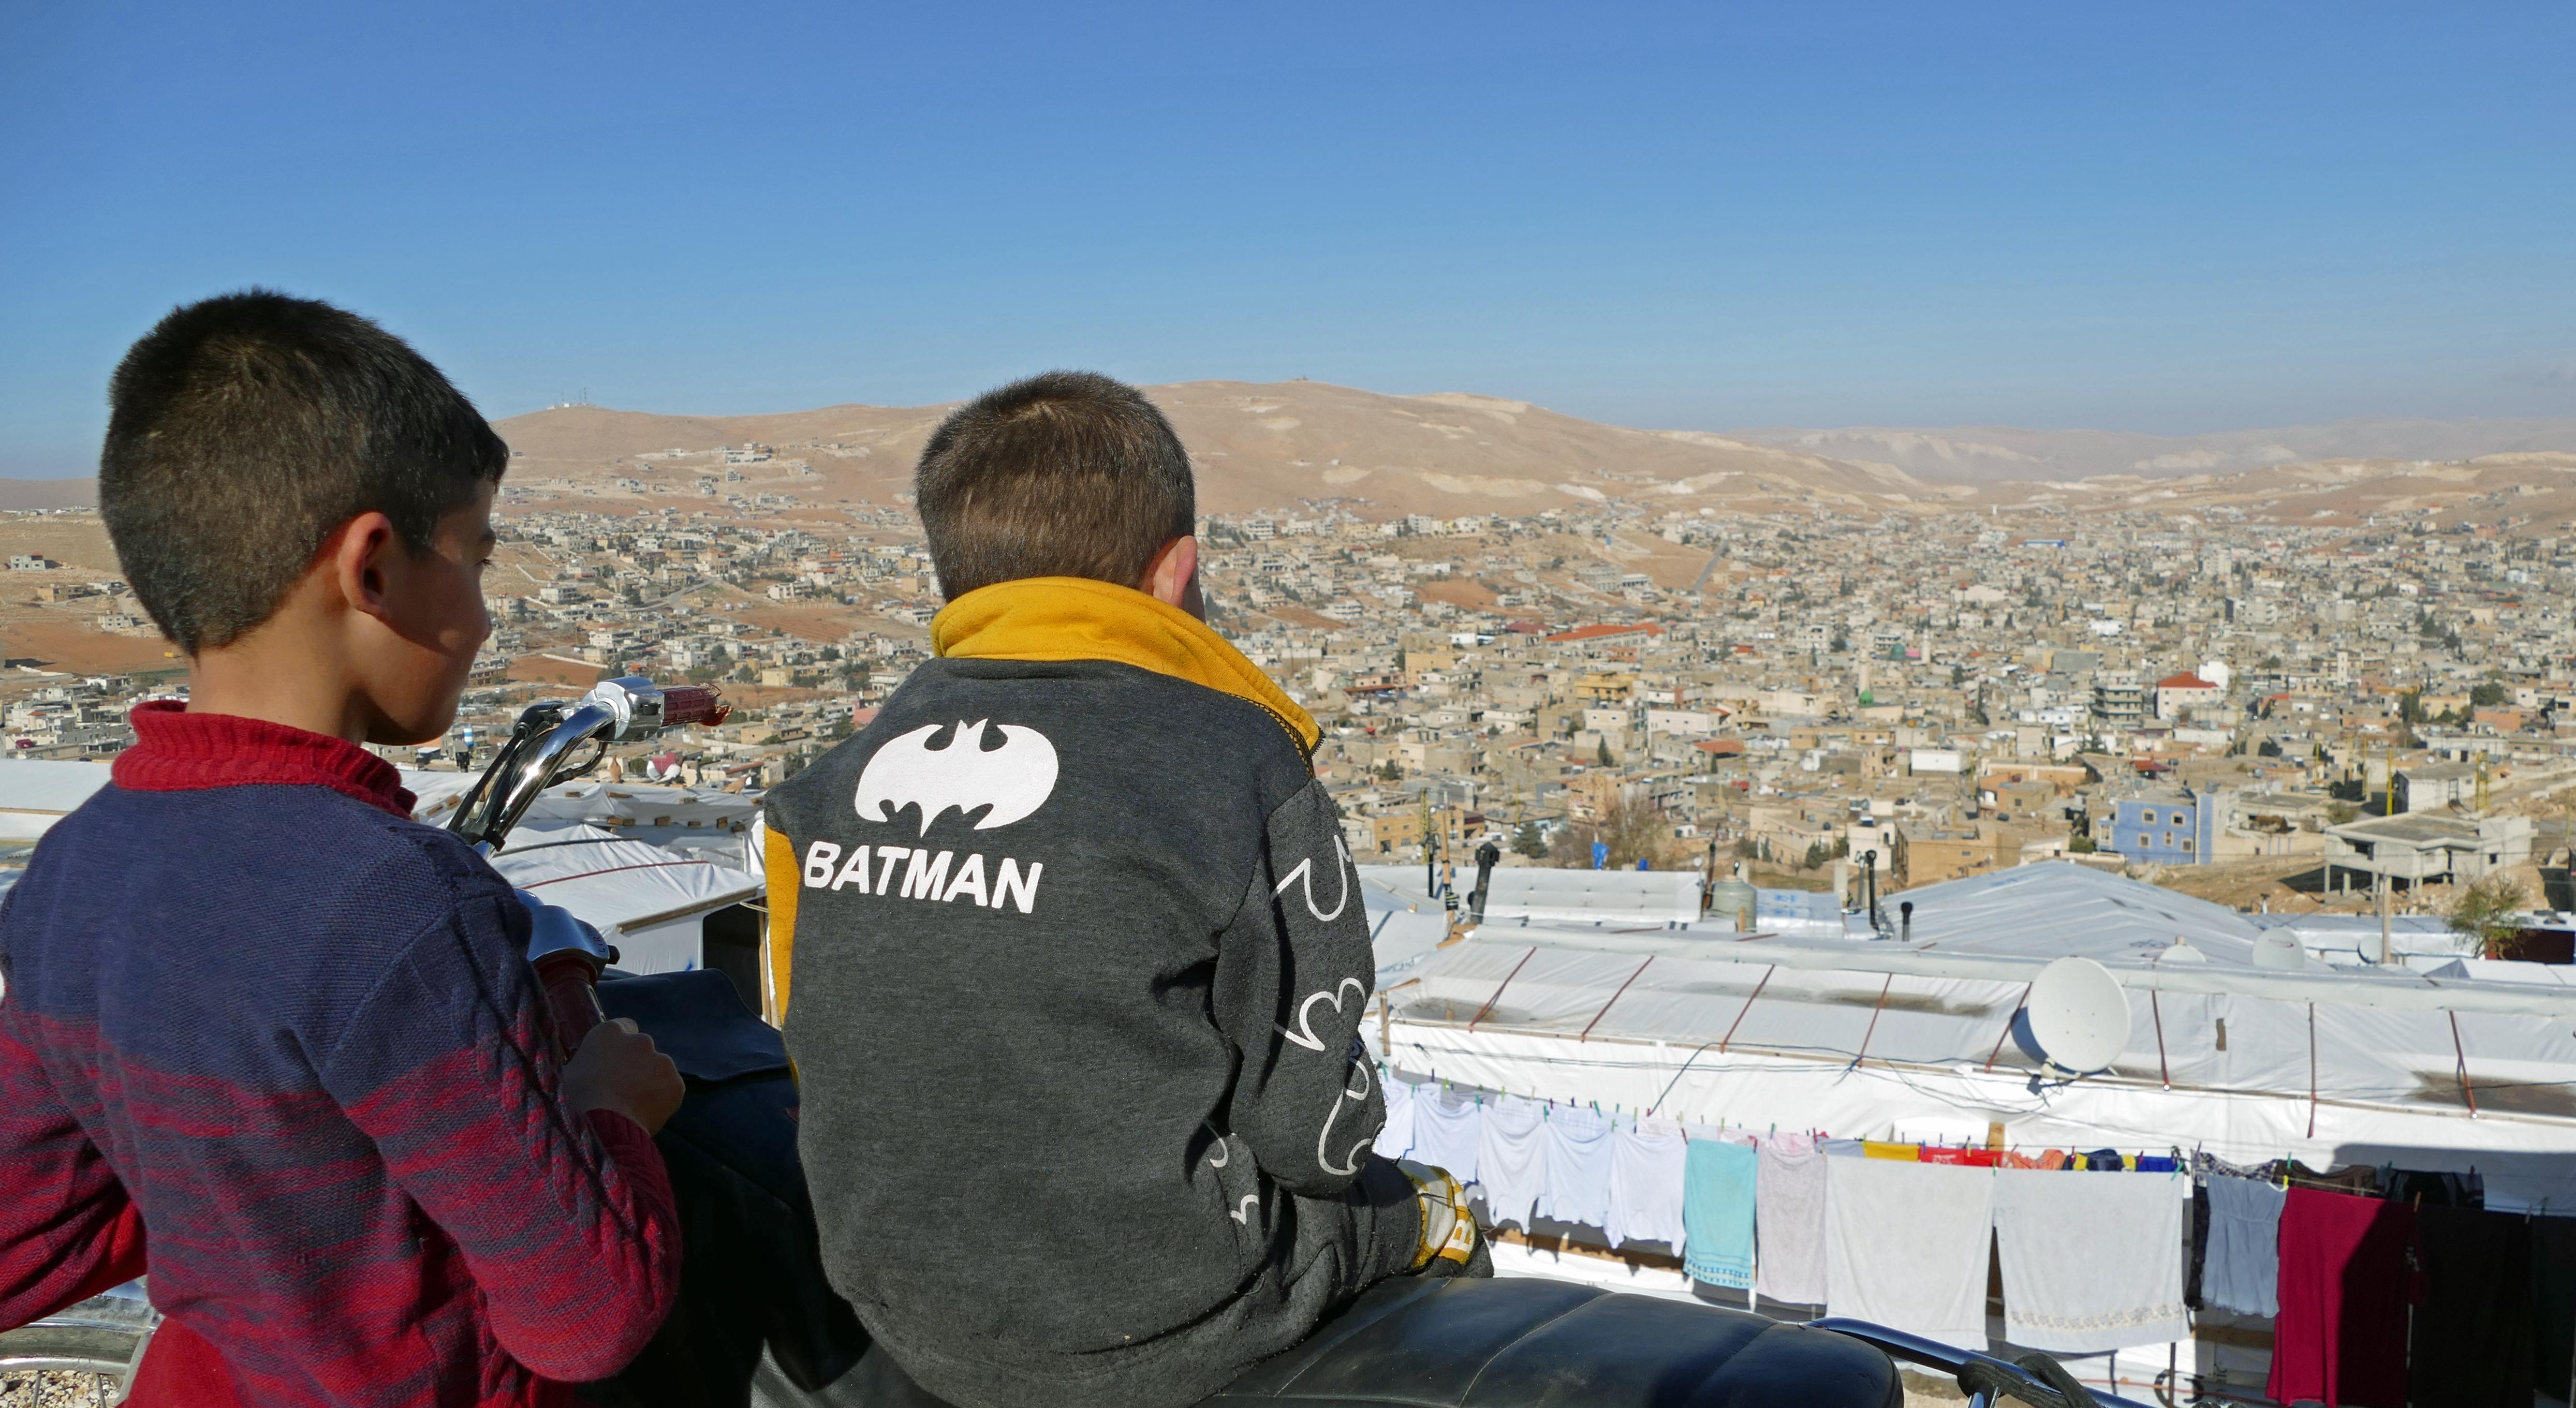 Widok na Arsal, na pierwszym planie jedno z namiotowisk/fot. Marcin Ogdowski